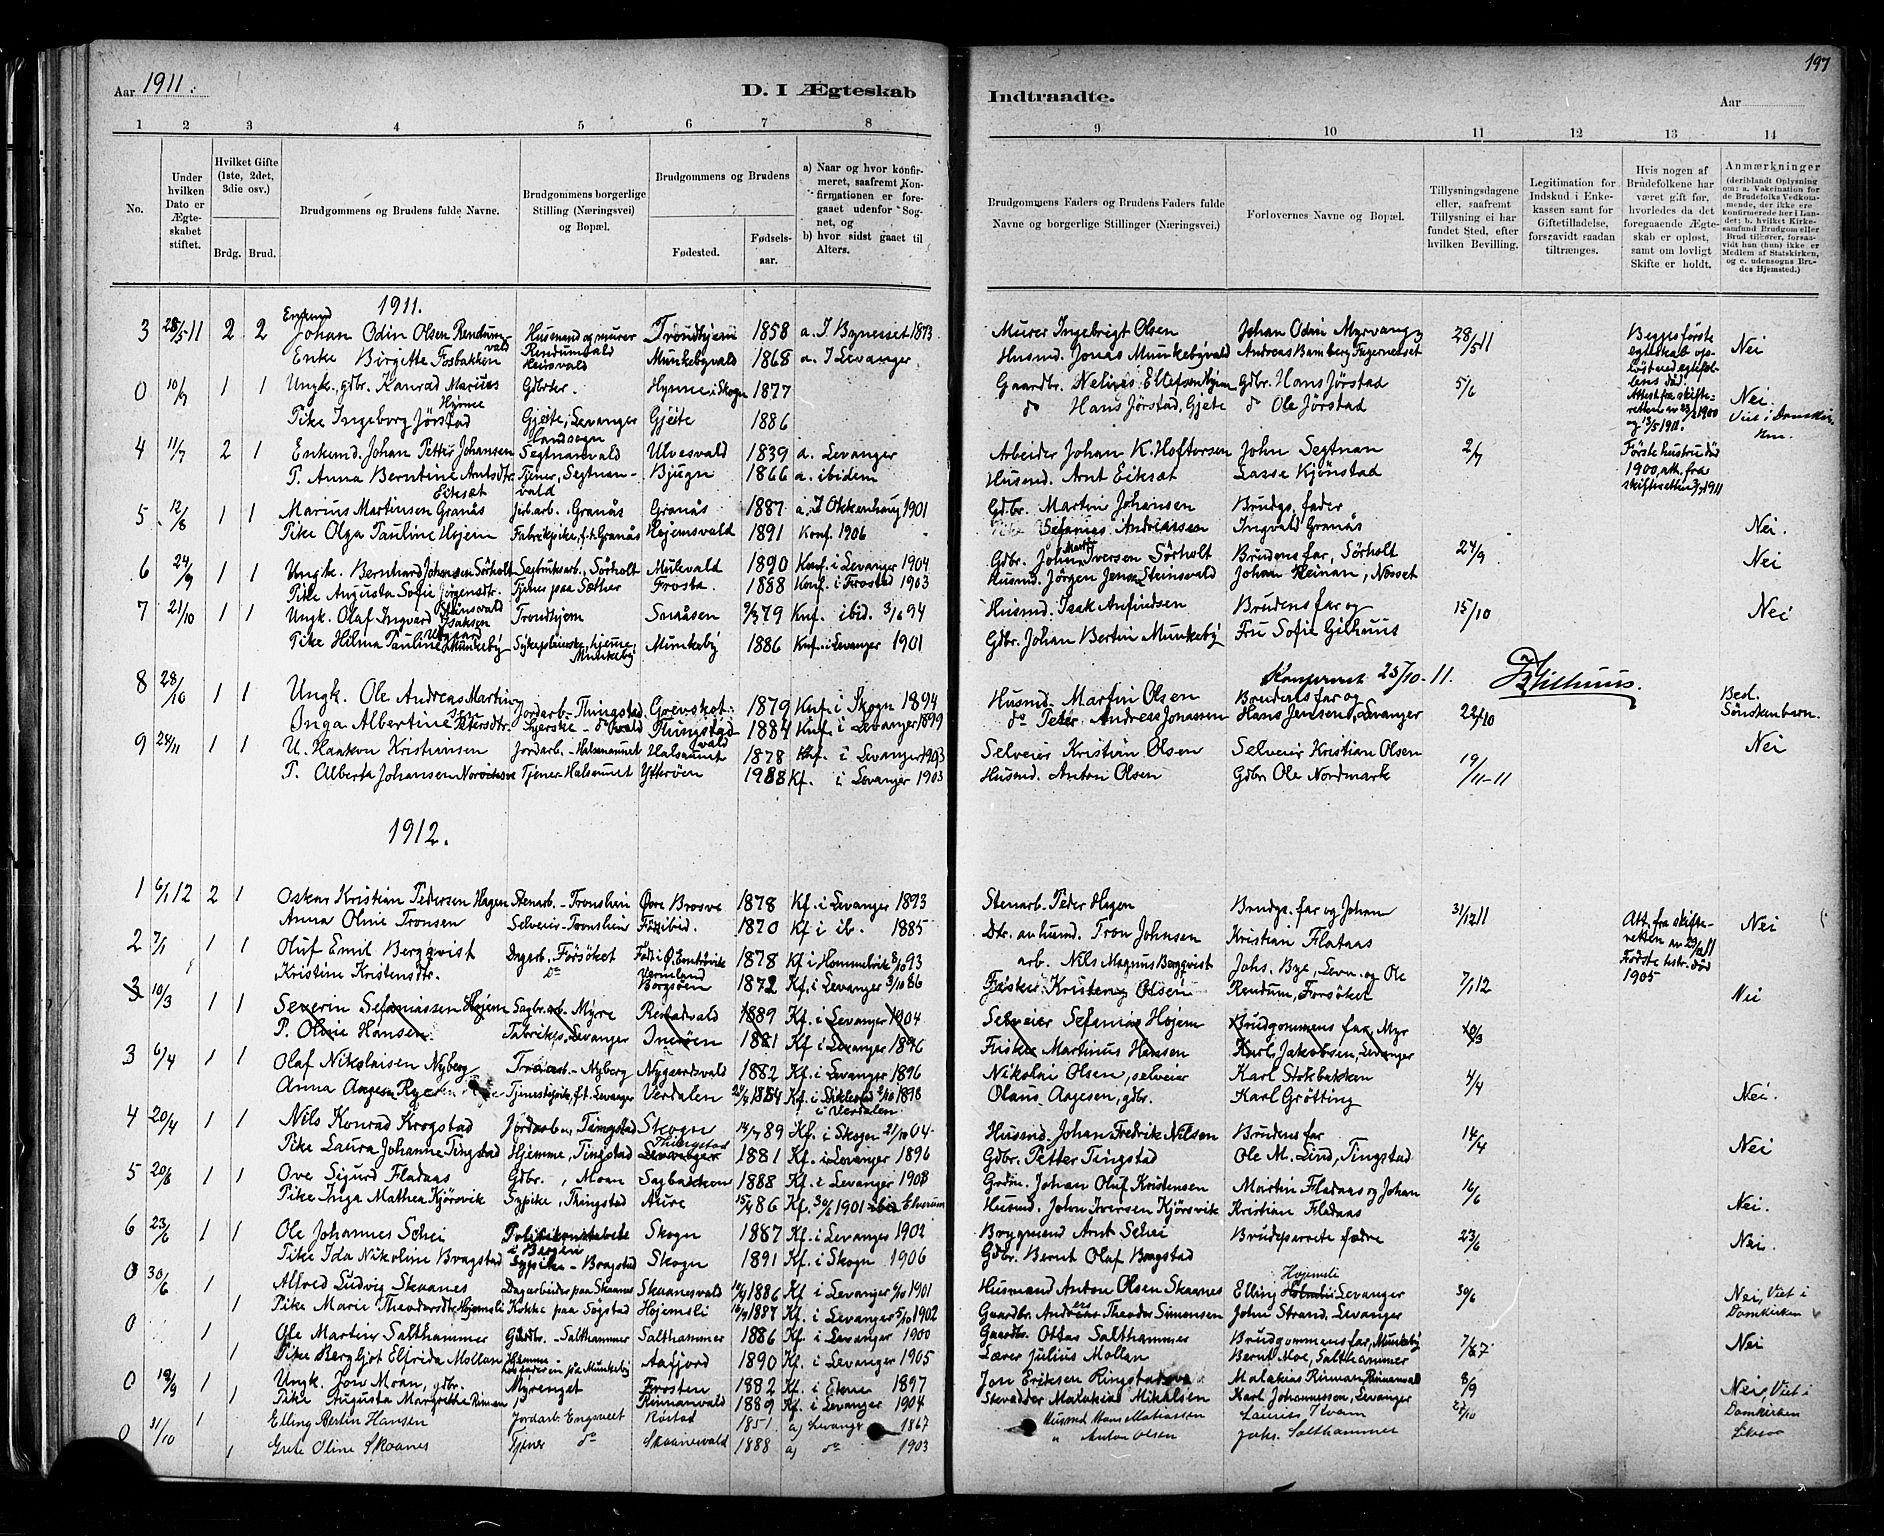 SAT, Ministerialprotokoller, klokkerbøker og fødselsregistre - Nord-Trøndelag, 721/L0208: Klokkerbok nr. 721C01, 1880-1917, s. 197